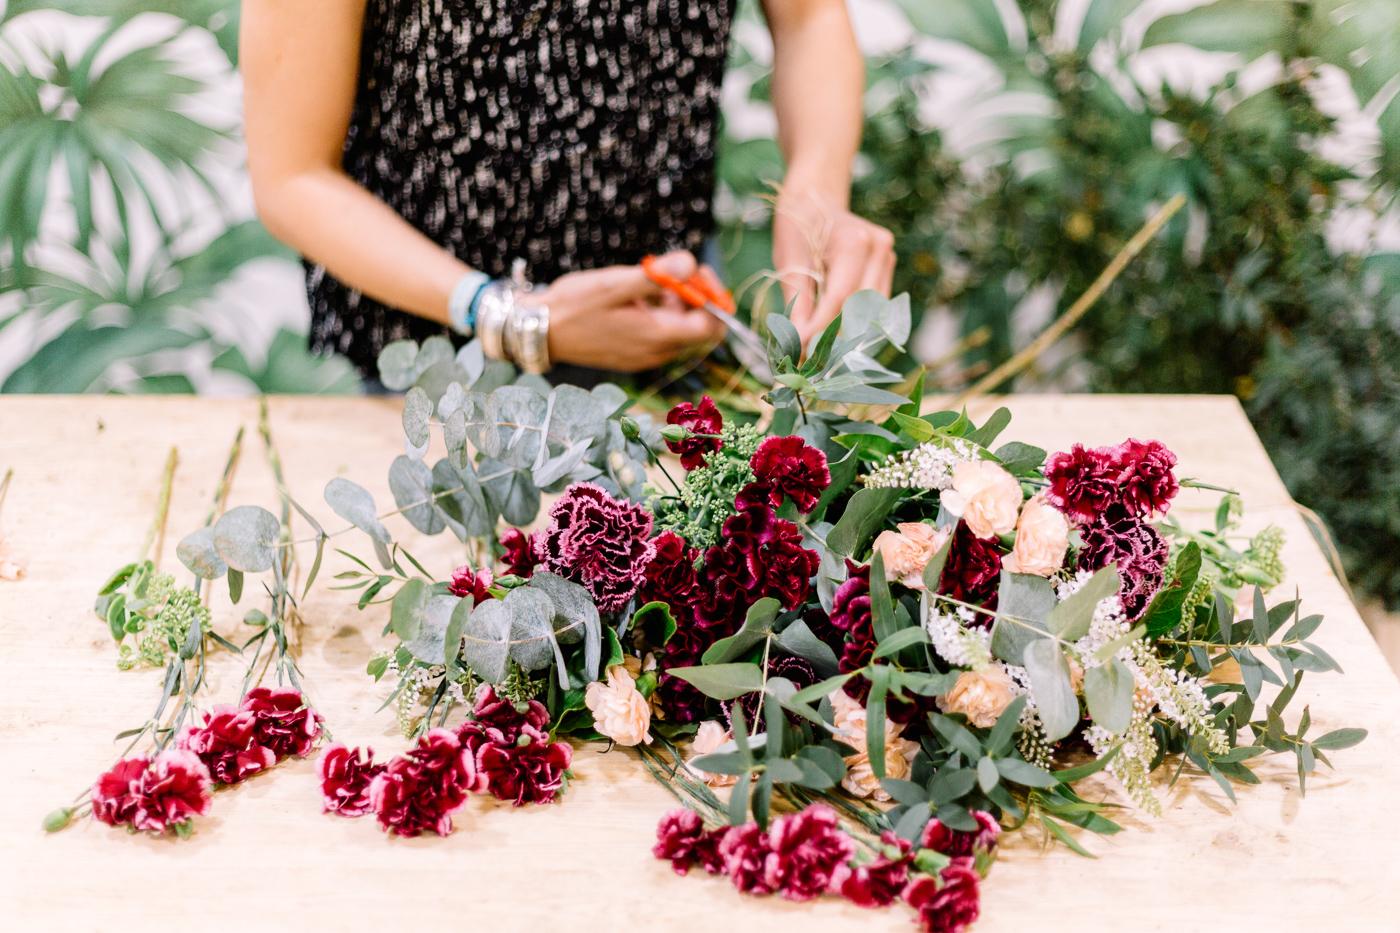 Des mains de femmes coupant des feuilles pour composer un bouquet de fleurs roses